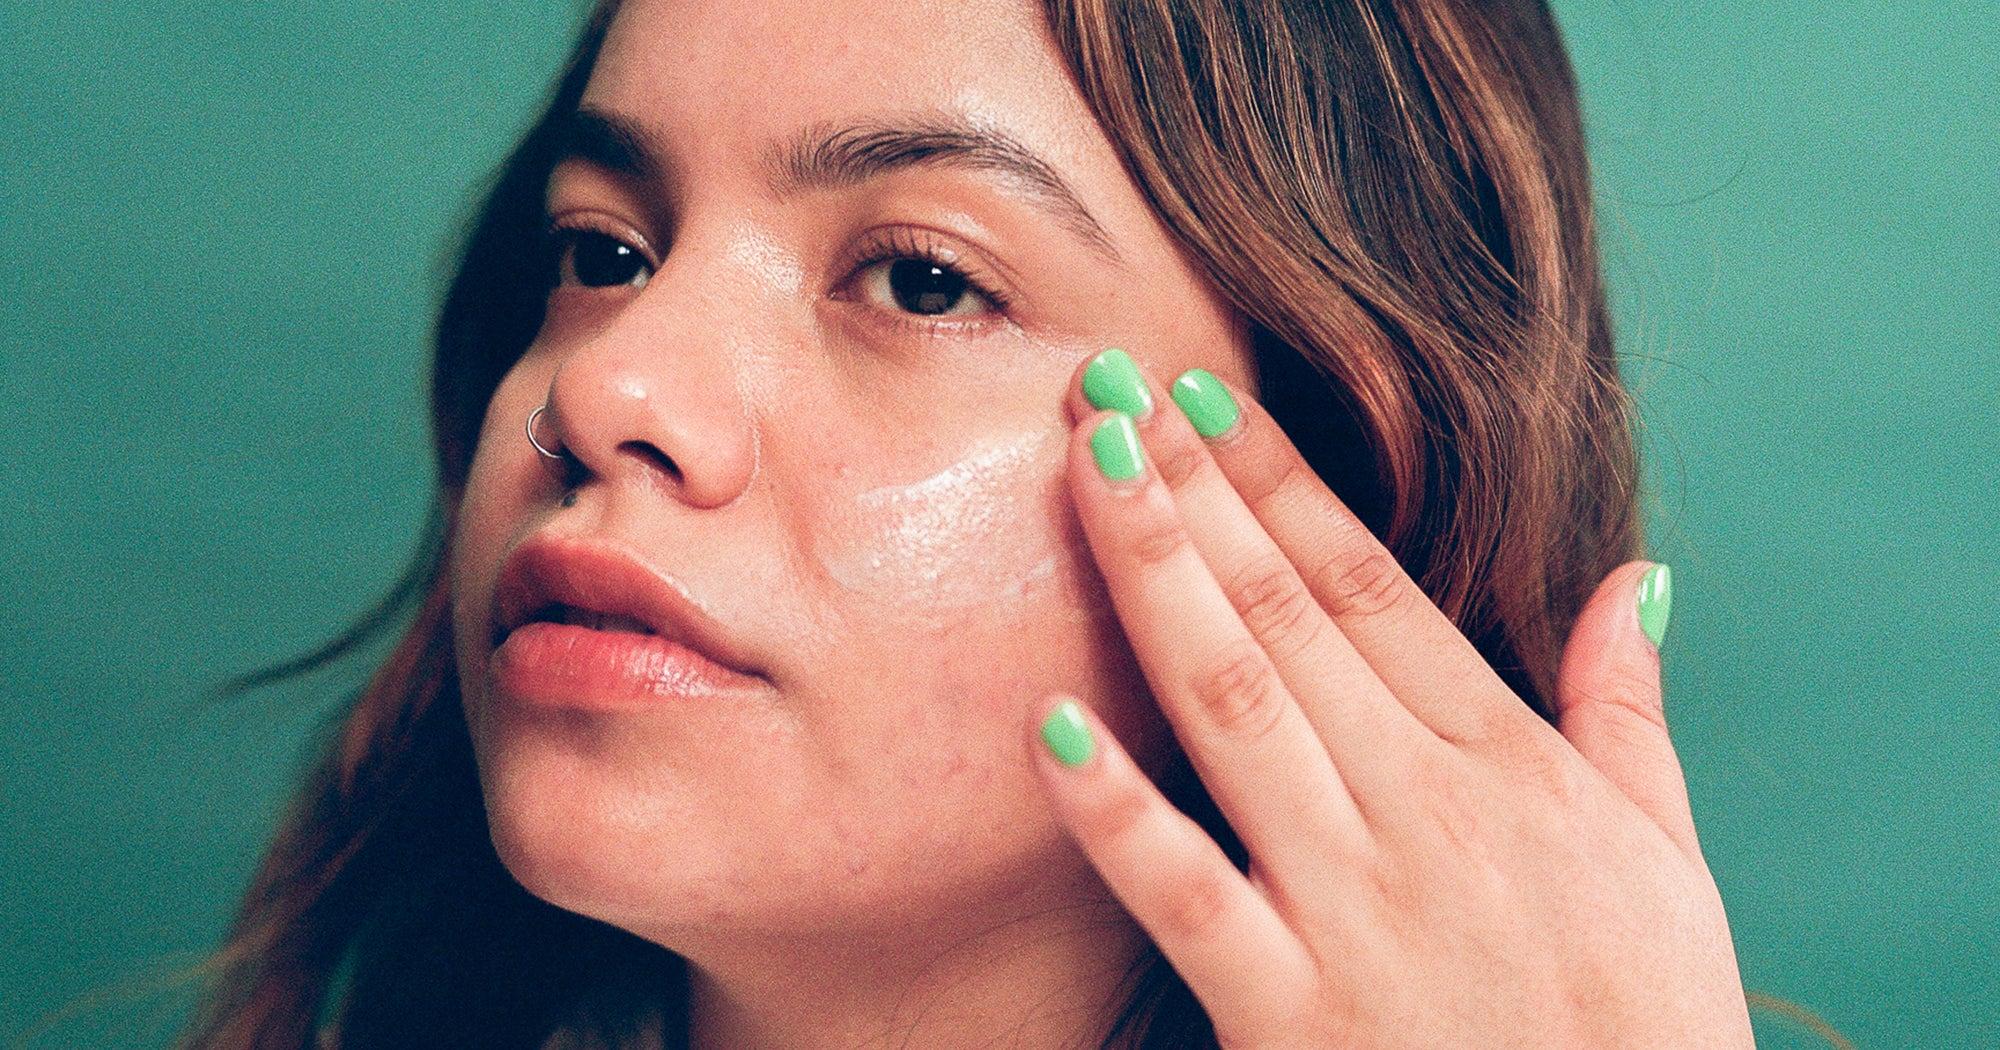 5 dermatos à suivre sur TikTok pour tout savoir sur les soins de la peau